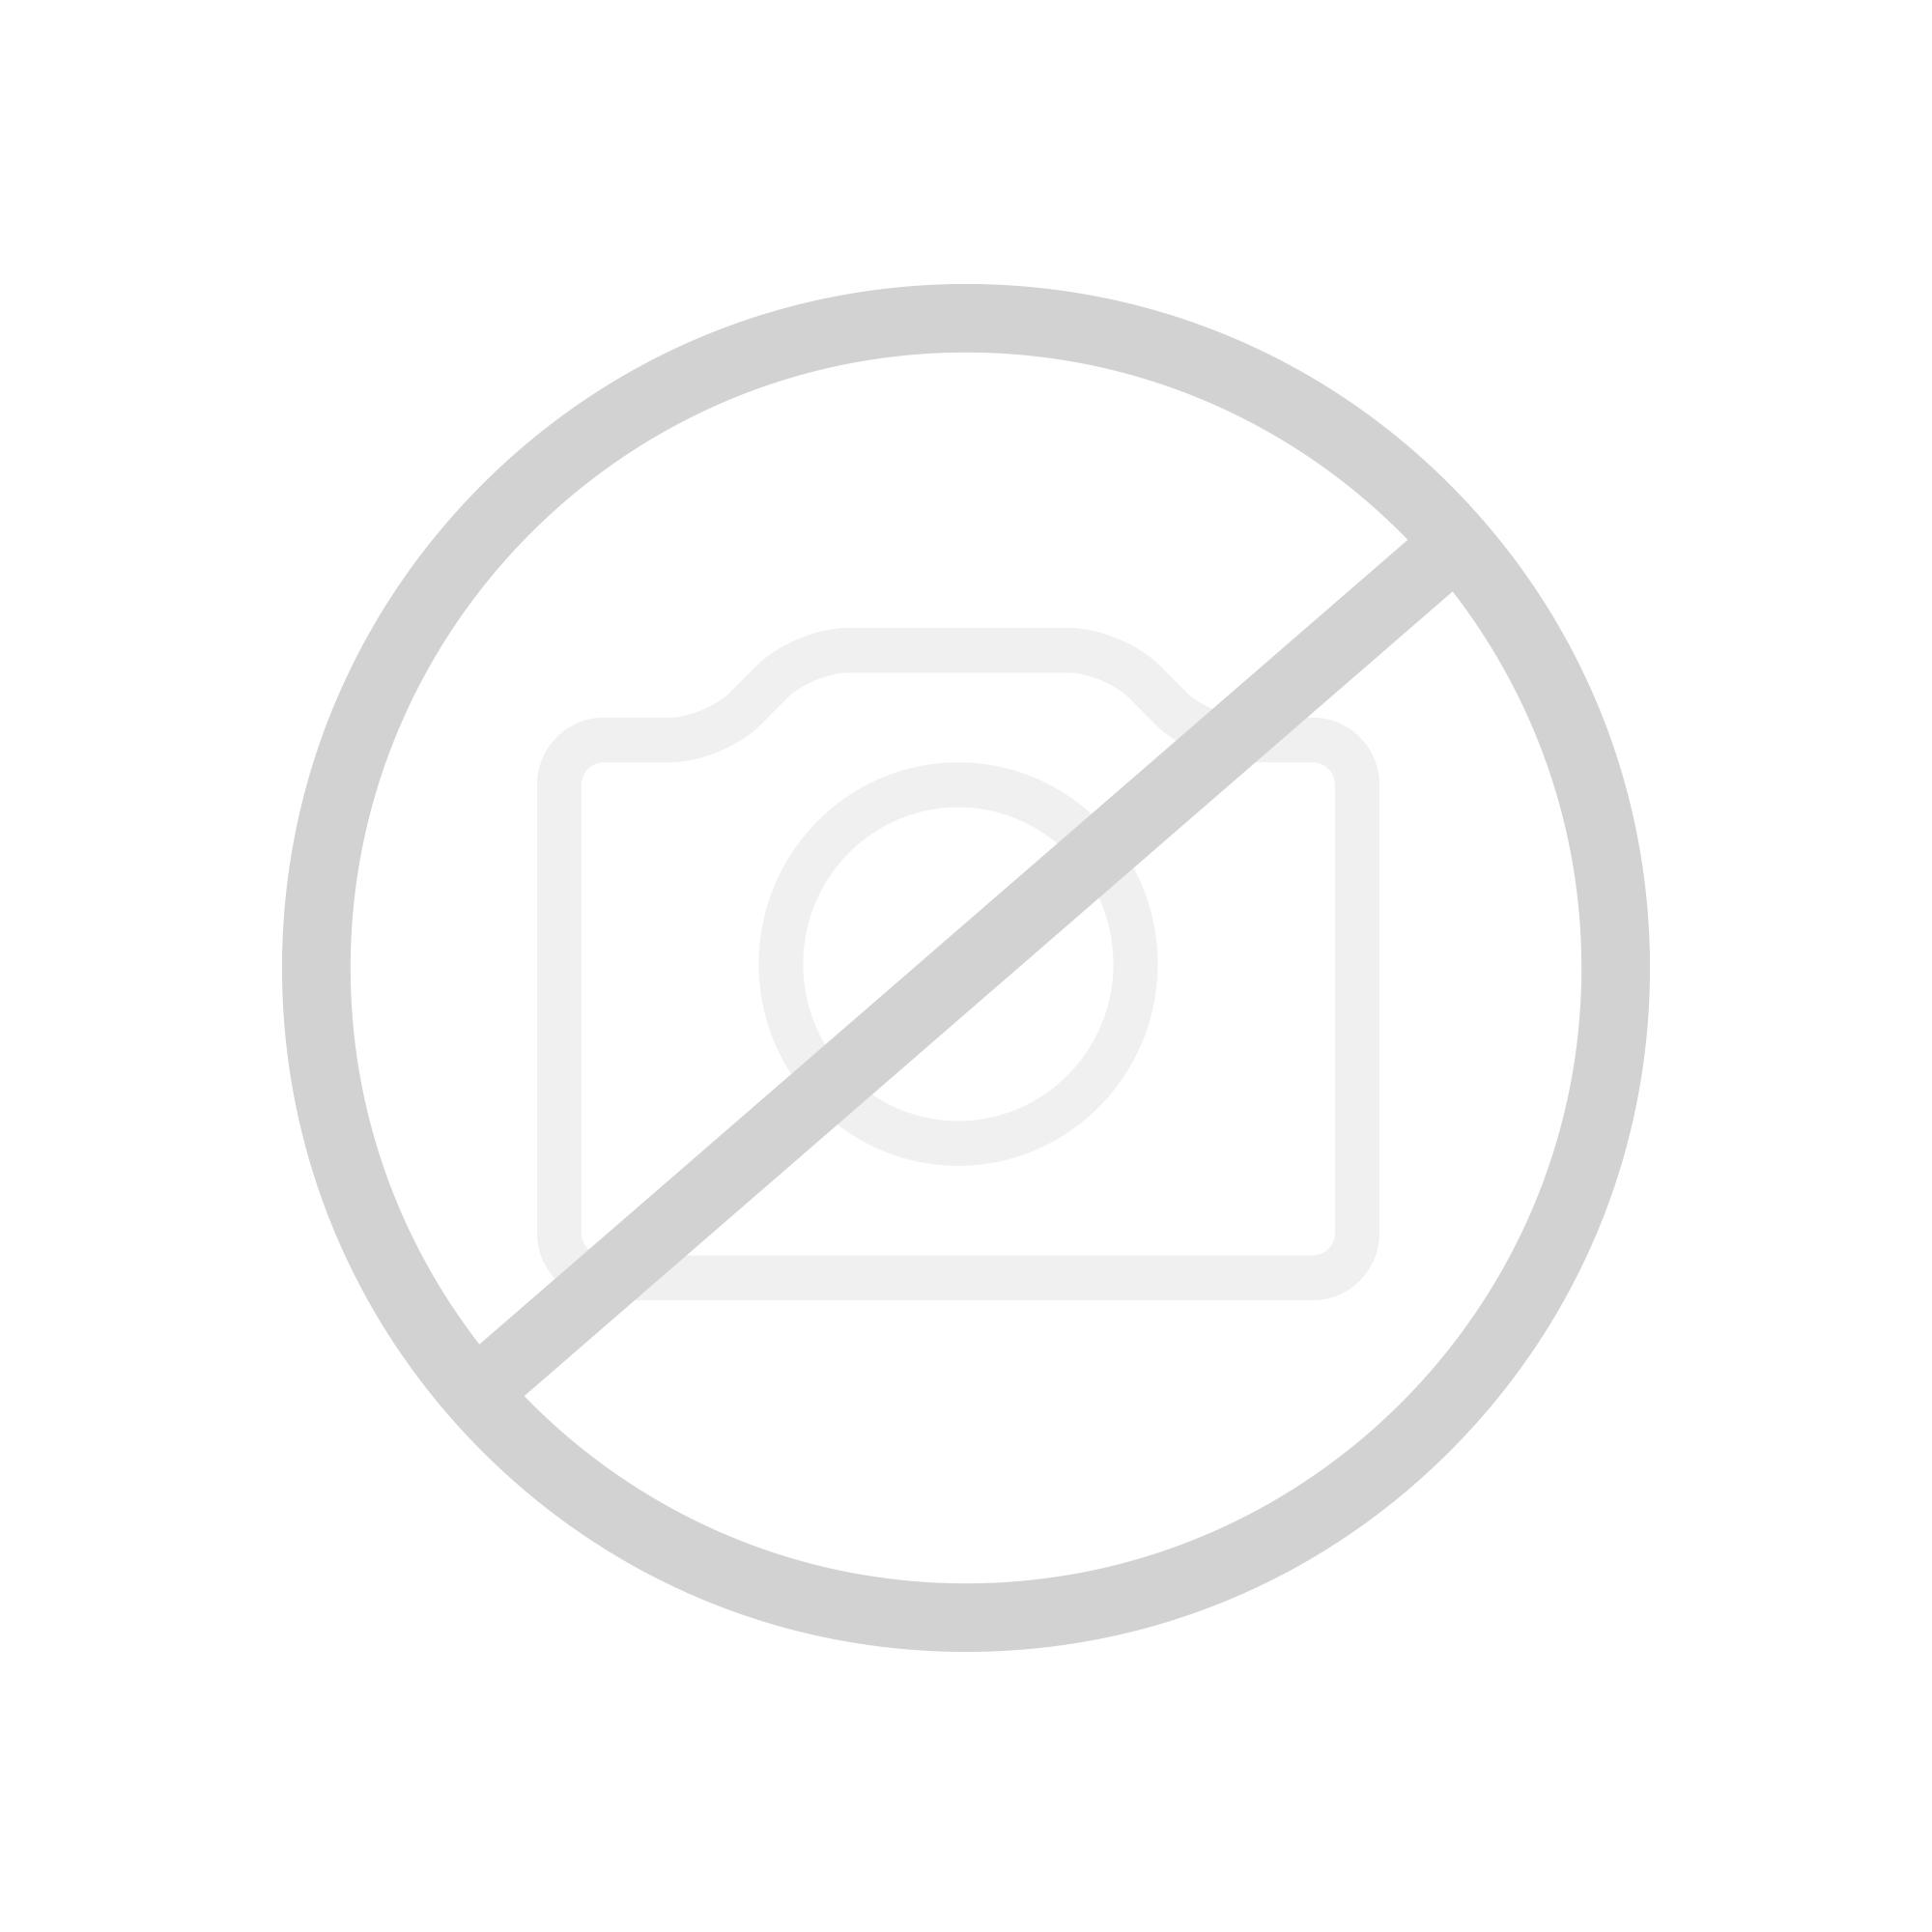 Dornbracht Balance Modules BigRain Regenpaneel für Deckeneinbau bzw. -unterbau edelstahl poliert